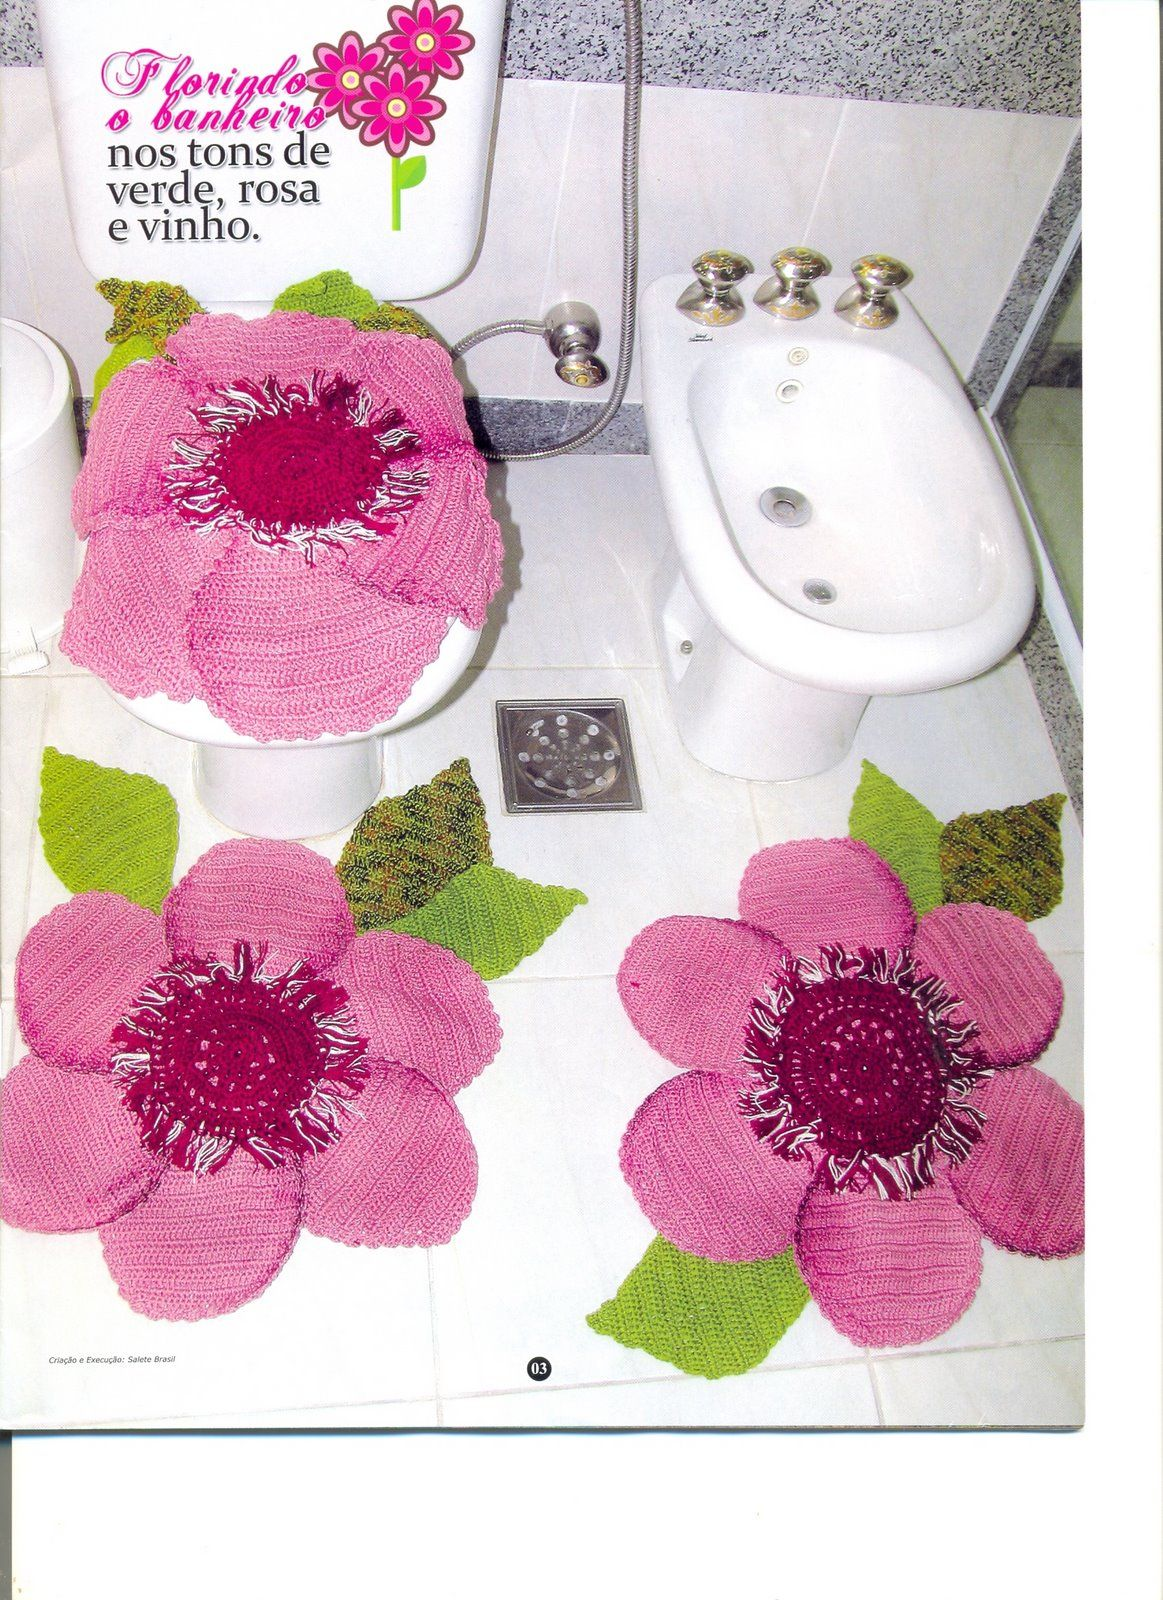 #820E42 Wanda Arte em Crochê: Jogos de Banheiro 1163x1600 px tapete de banheiro em frances